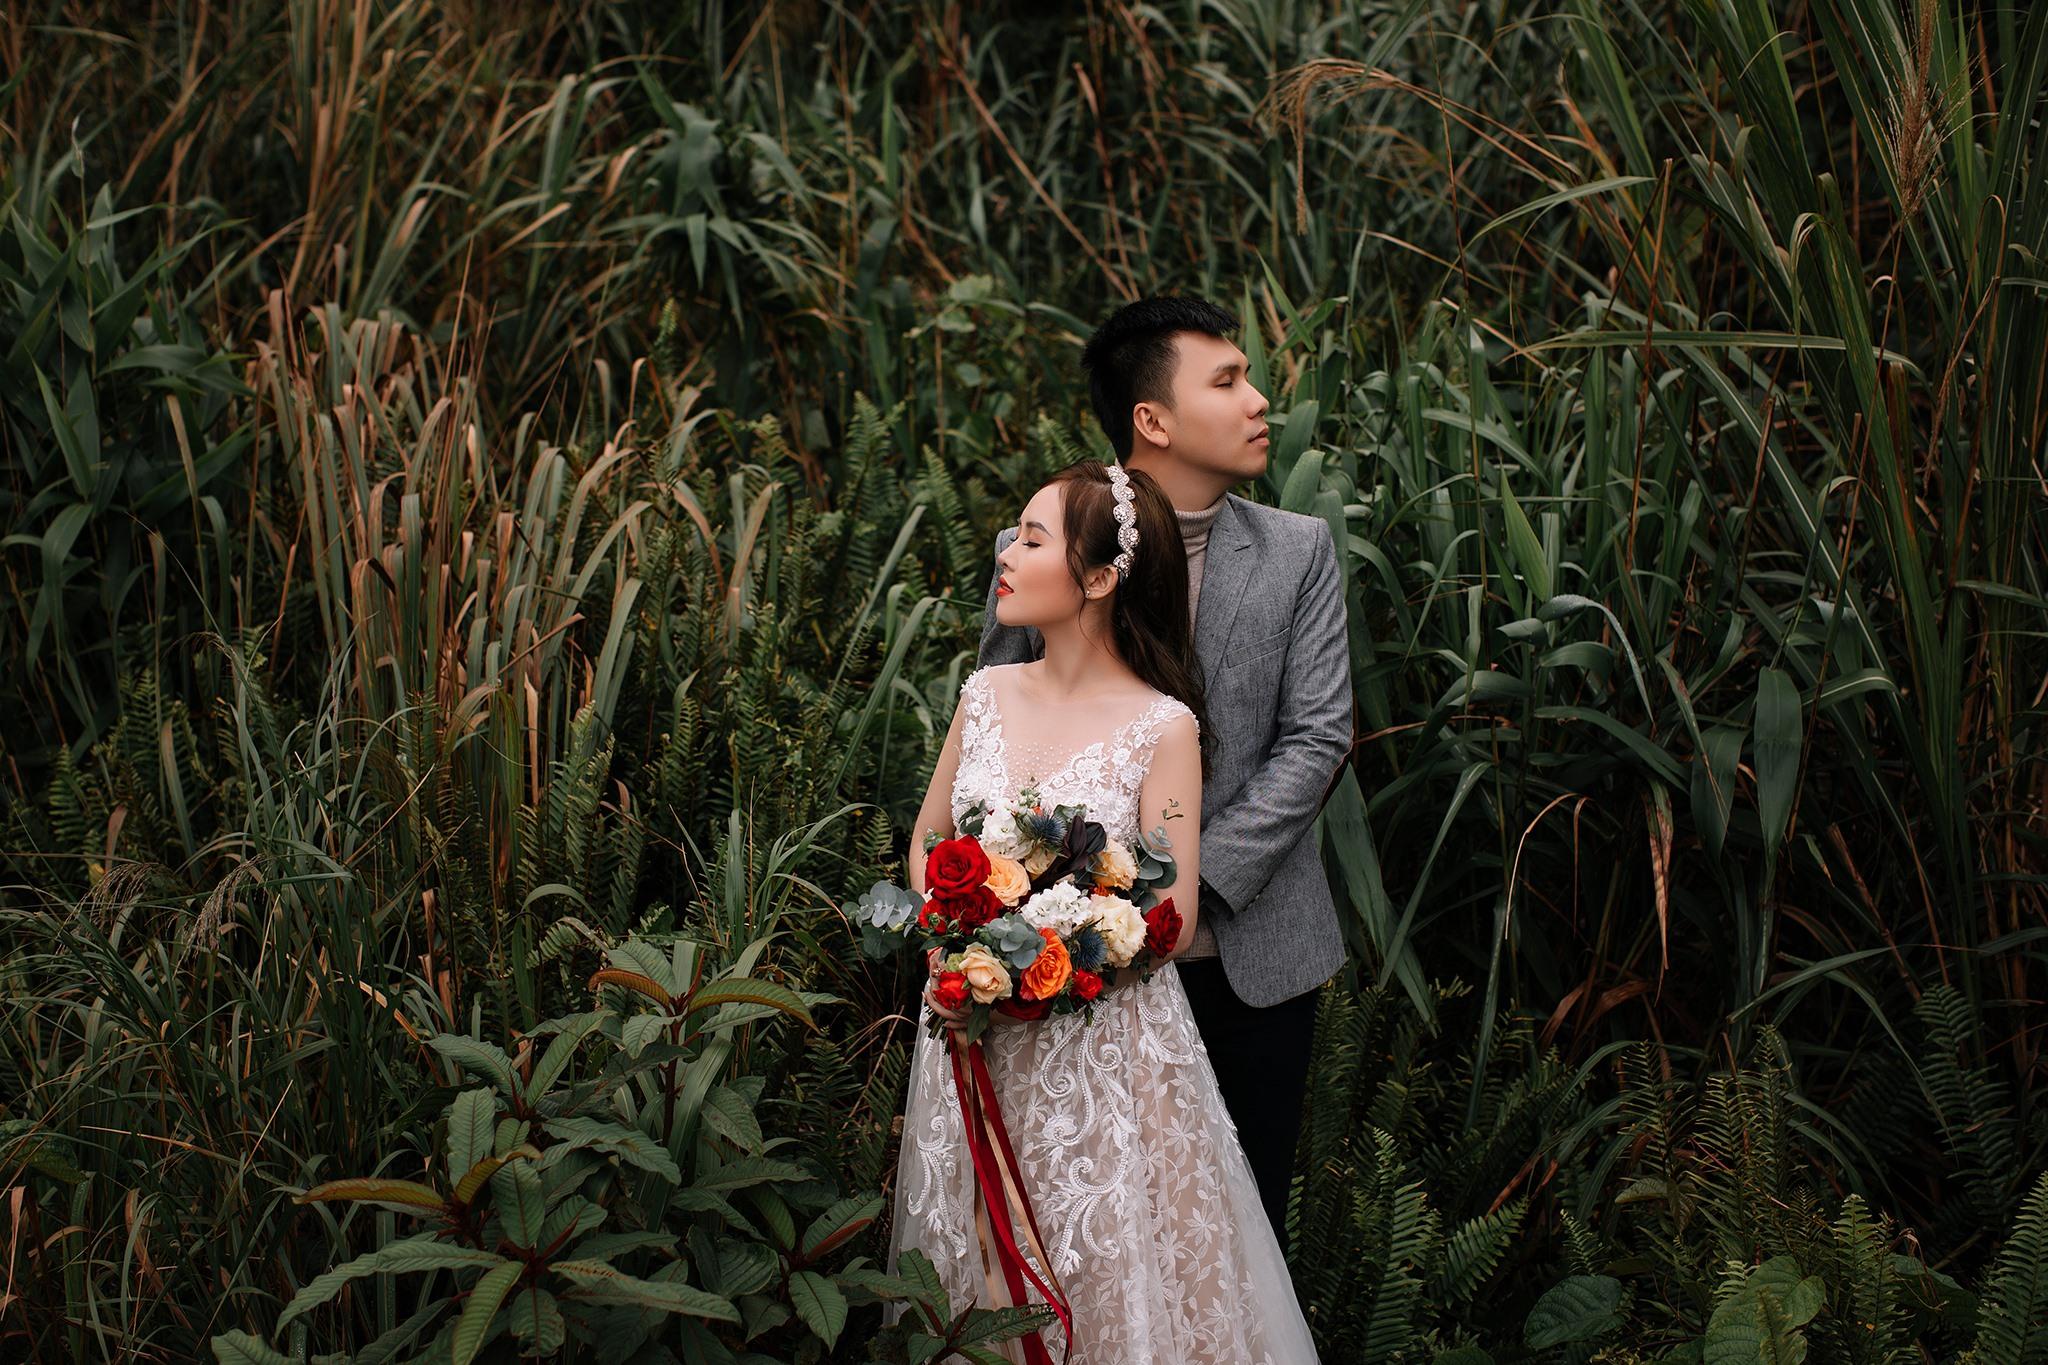 Xếp hạng 10 Studio chụp ảnh cưới đẹp nhất Đà Lạt - Thuyết Nguyễn Wedding House